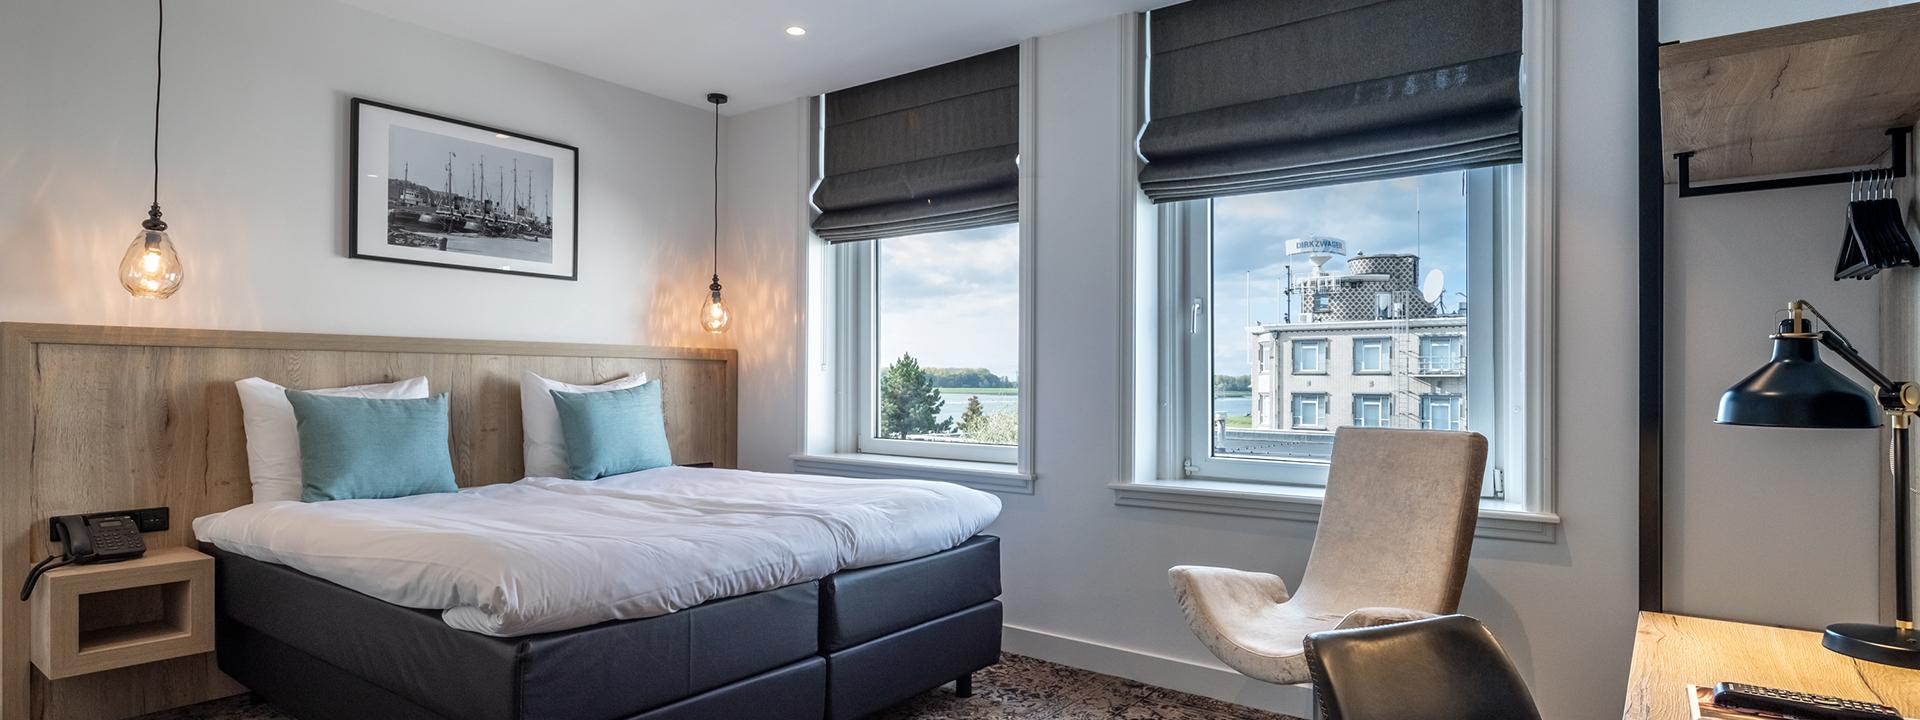 egger zoom nieuwigheden uni. Black Bedroom Furniture Sets. Home Design Ideas